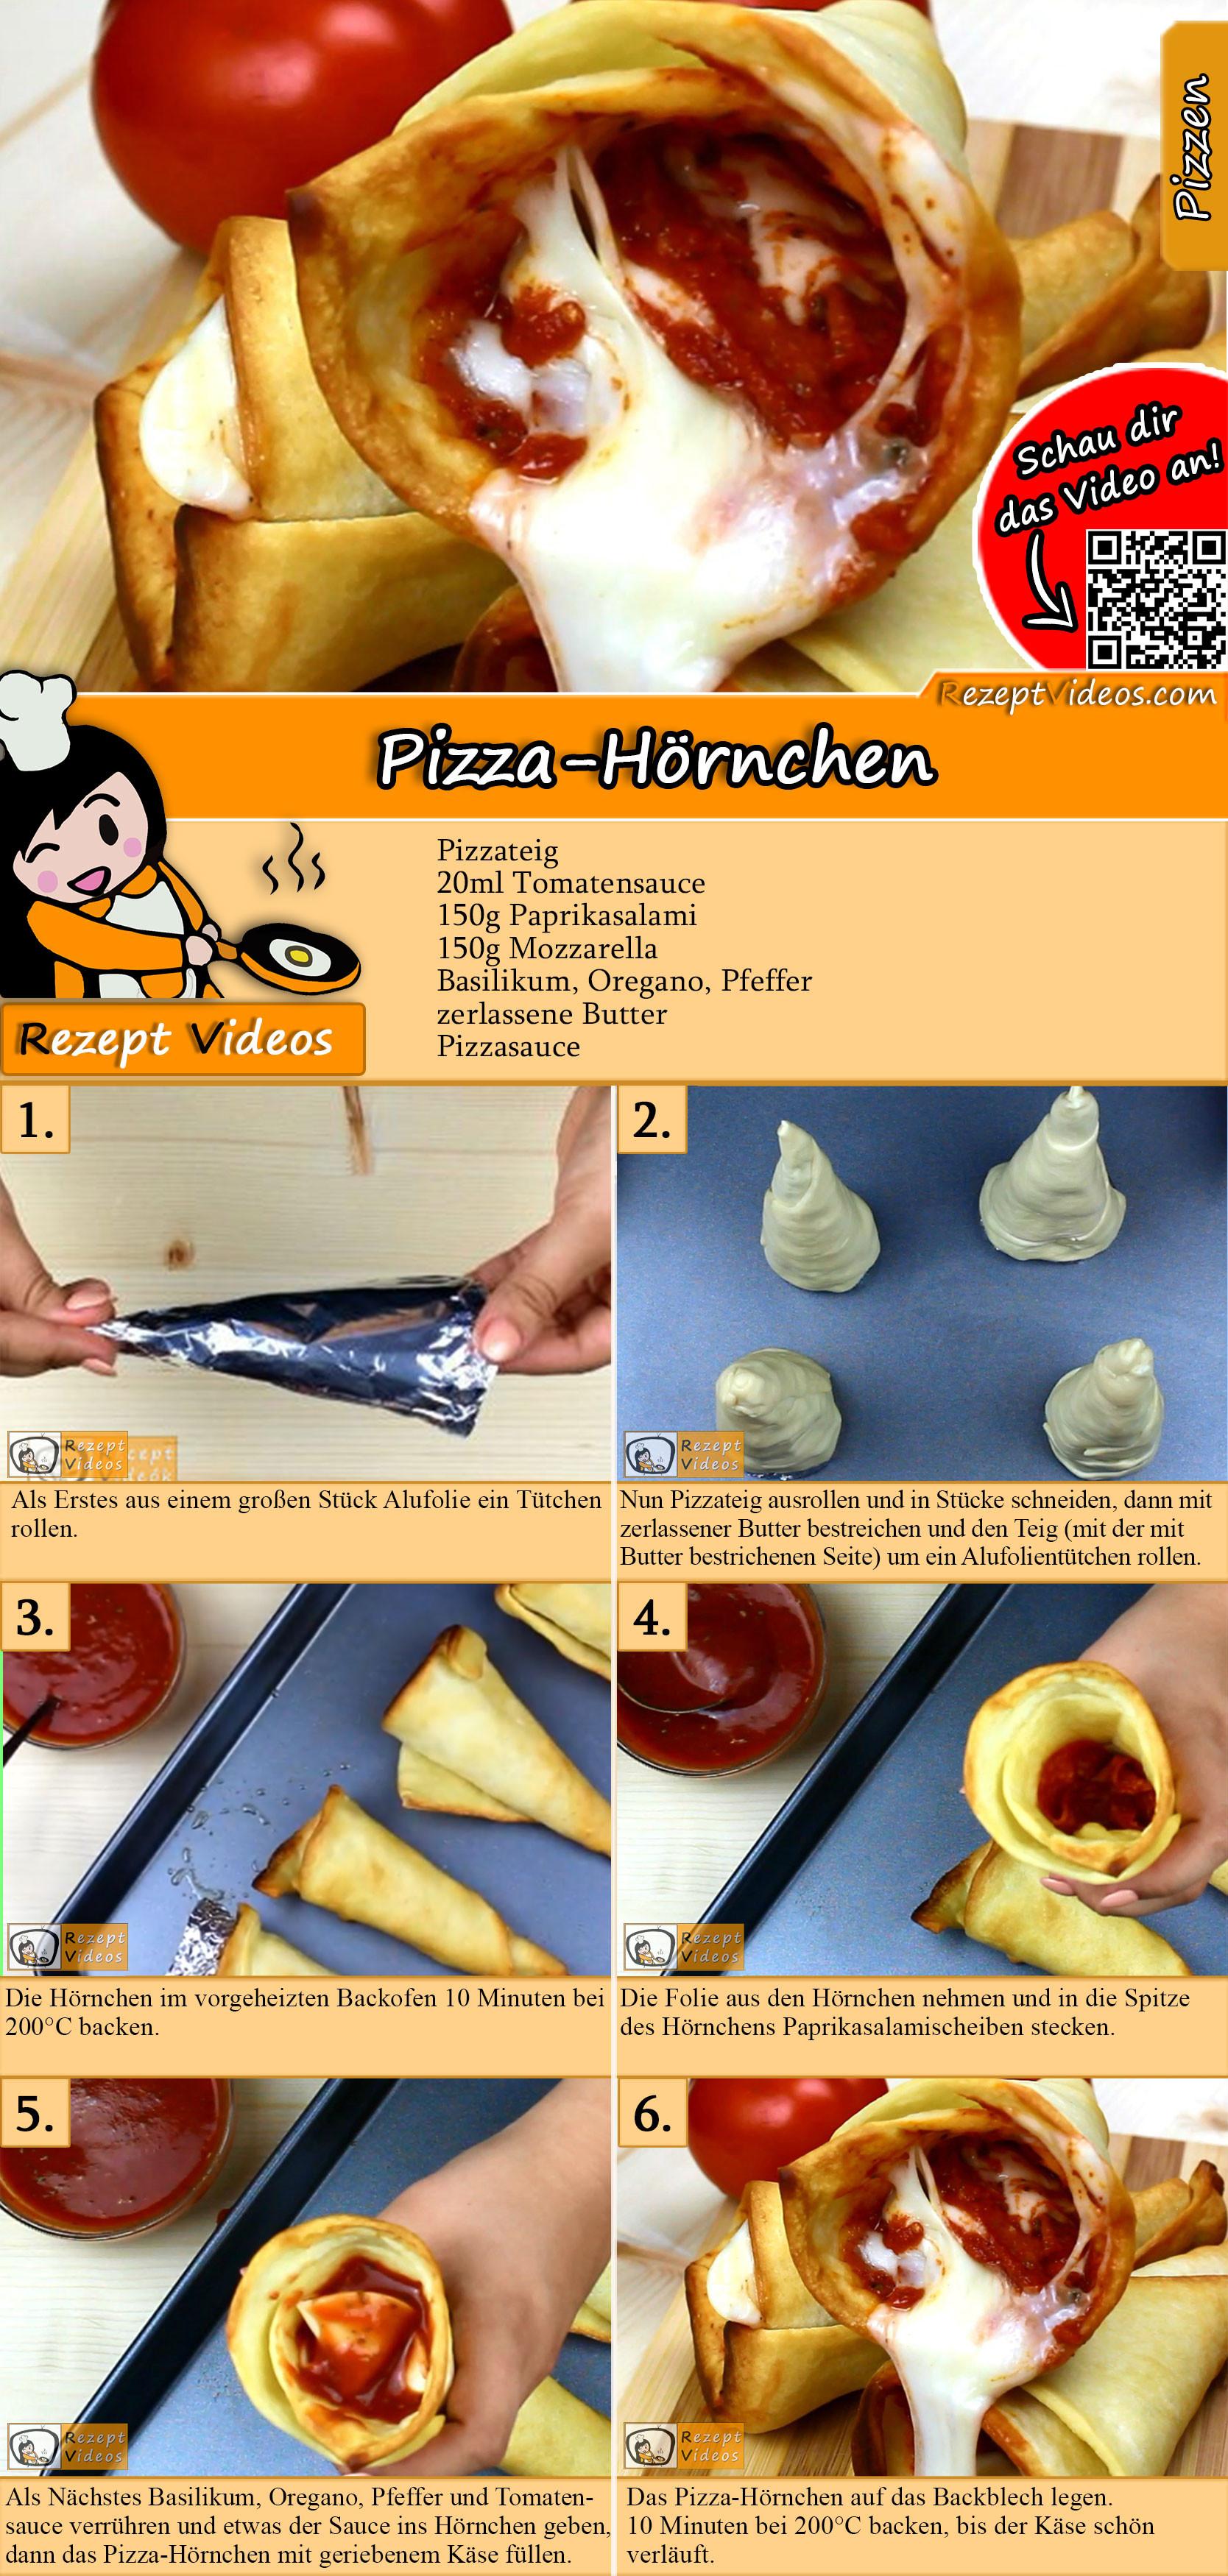 Pizza-Hörnchen Rezept mit Video